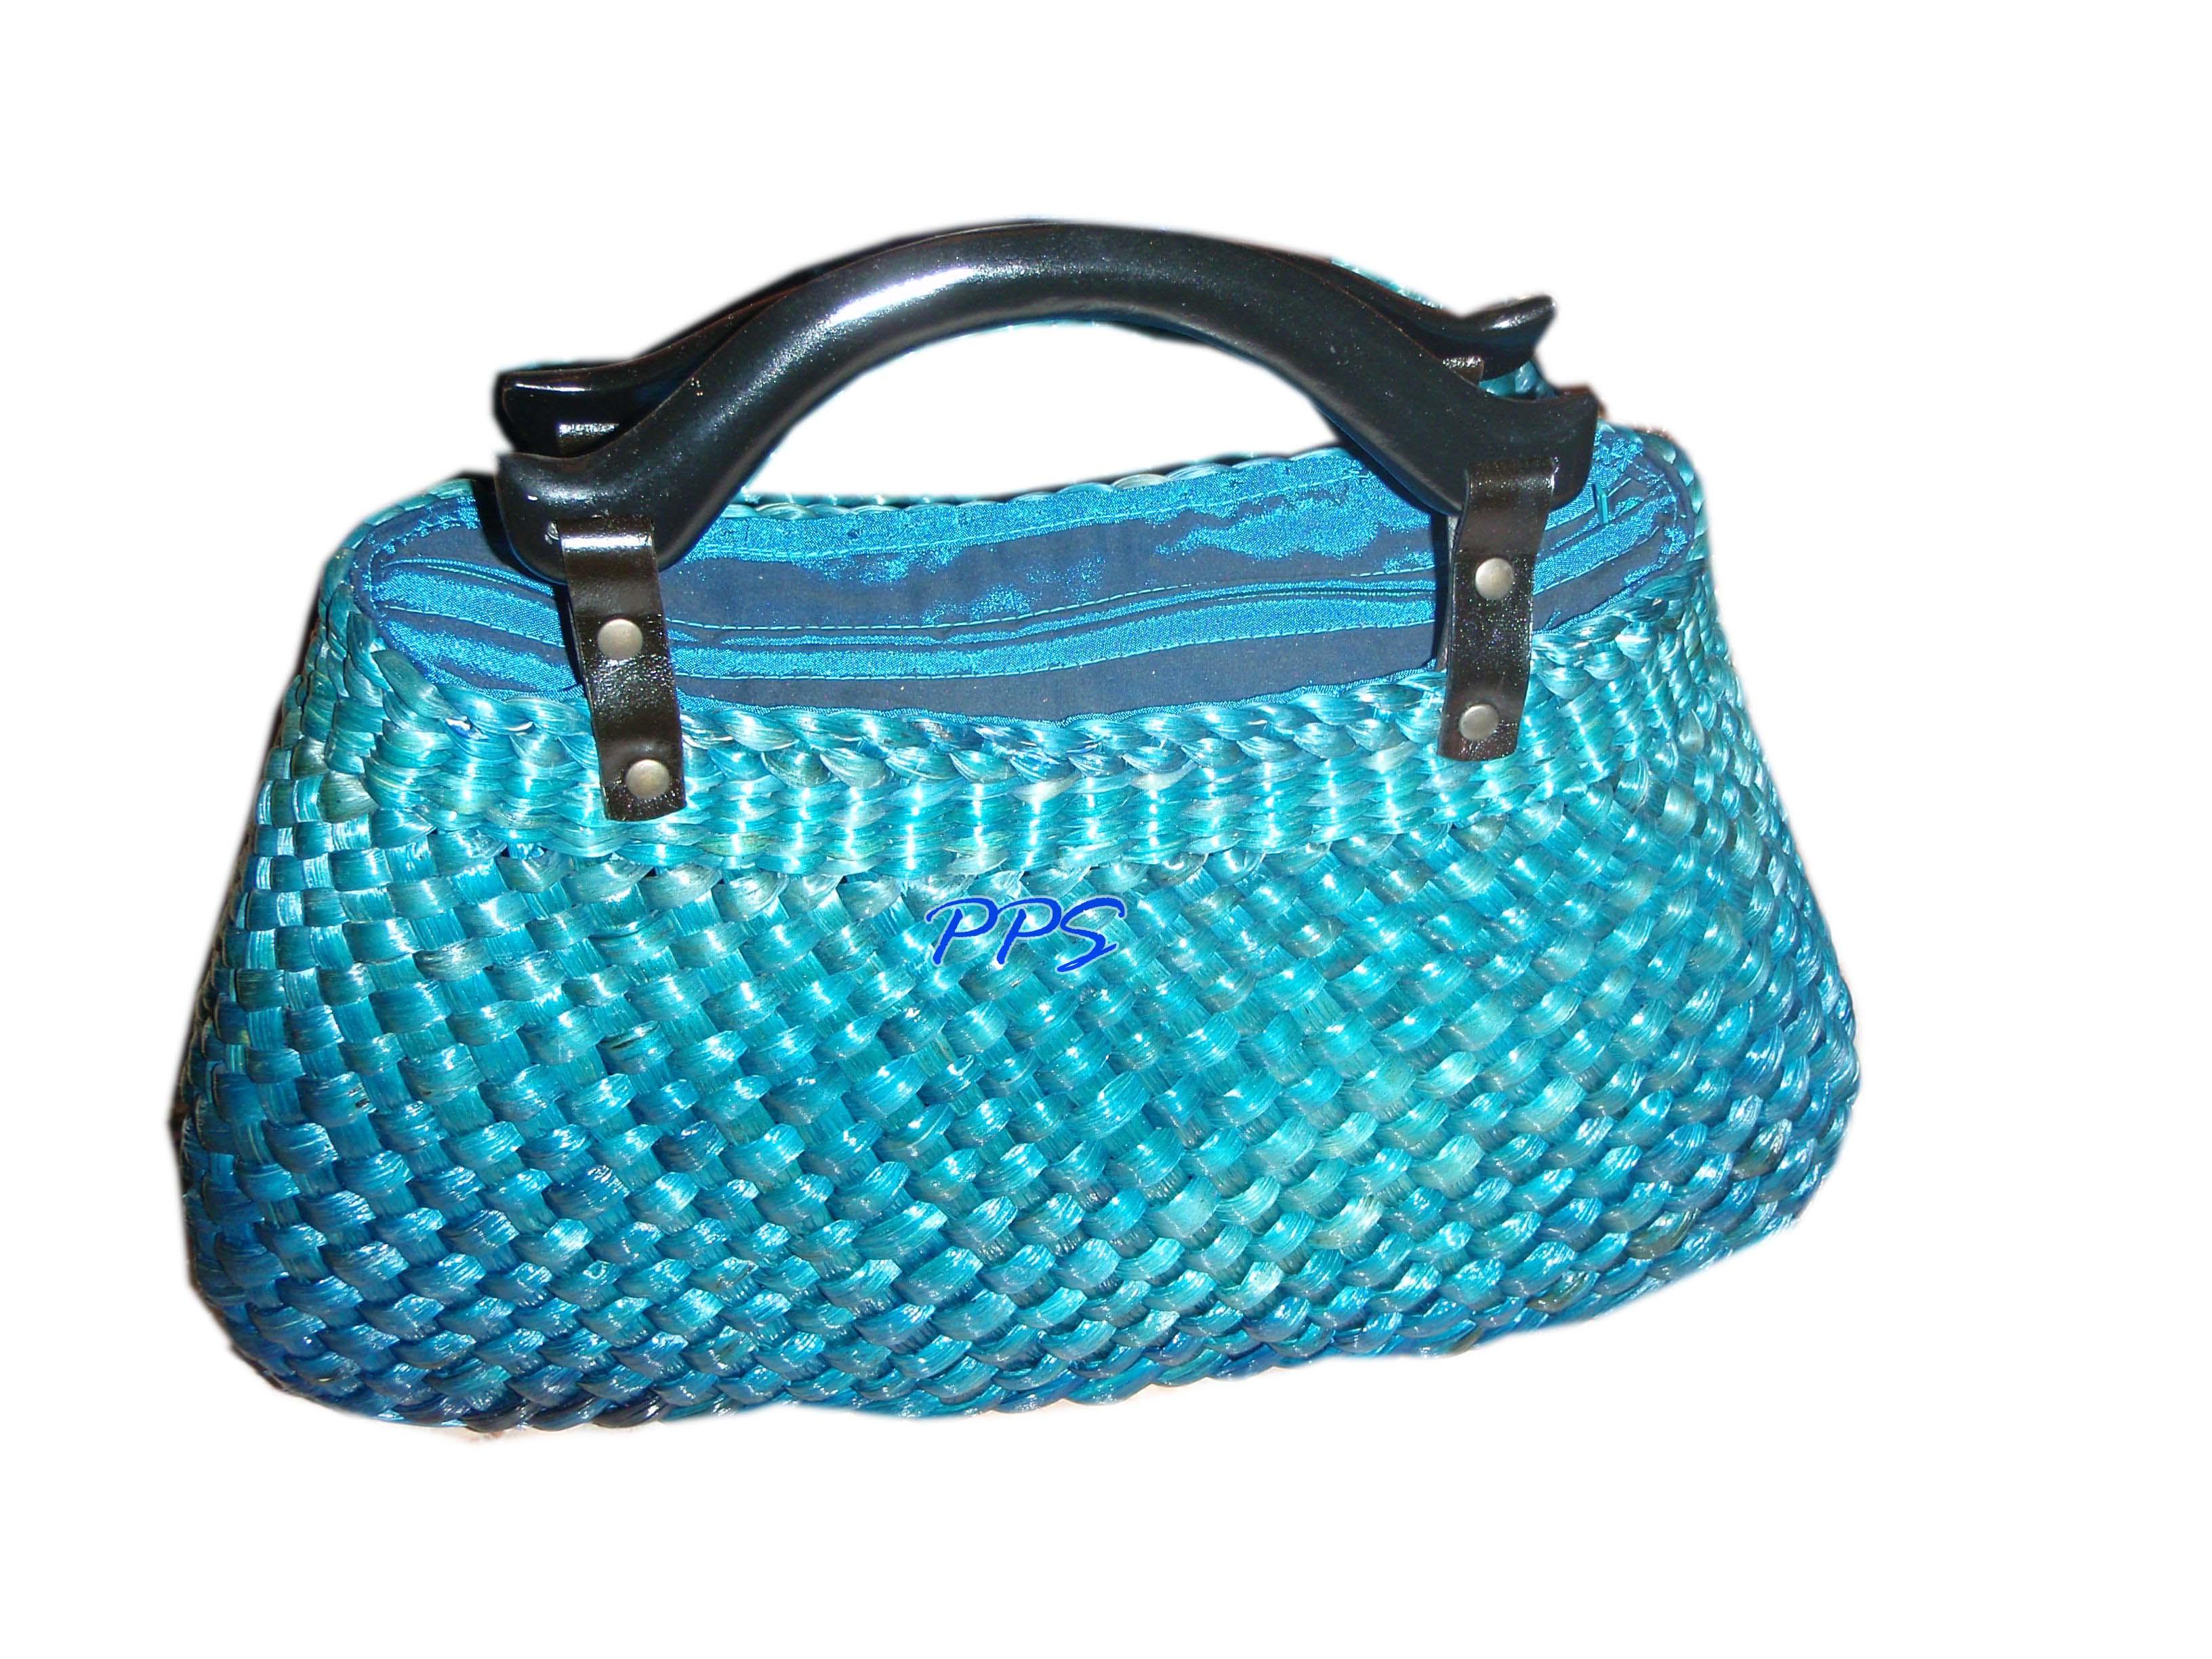 Hyacinth Bag-PPS Bag brand 28